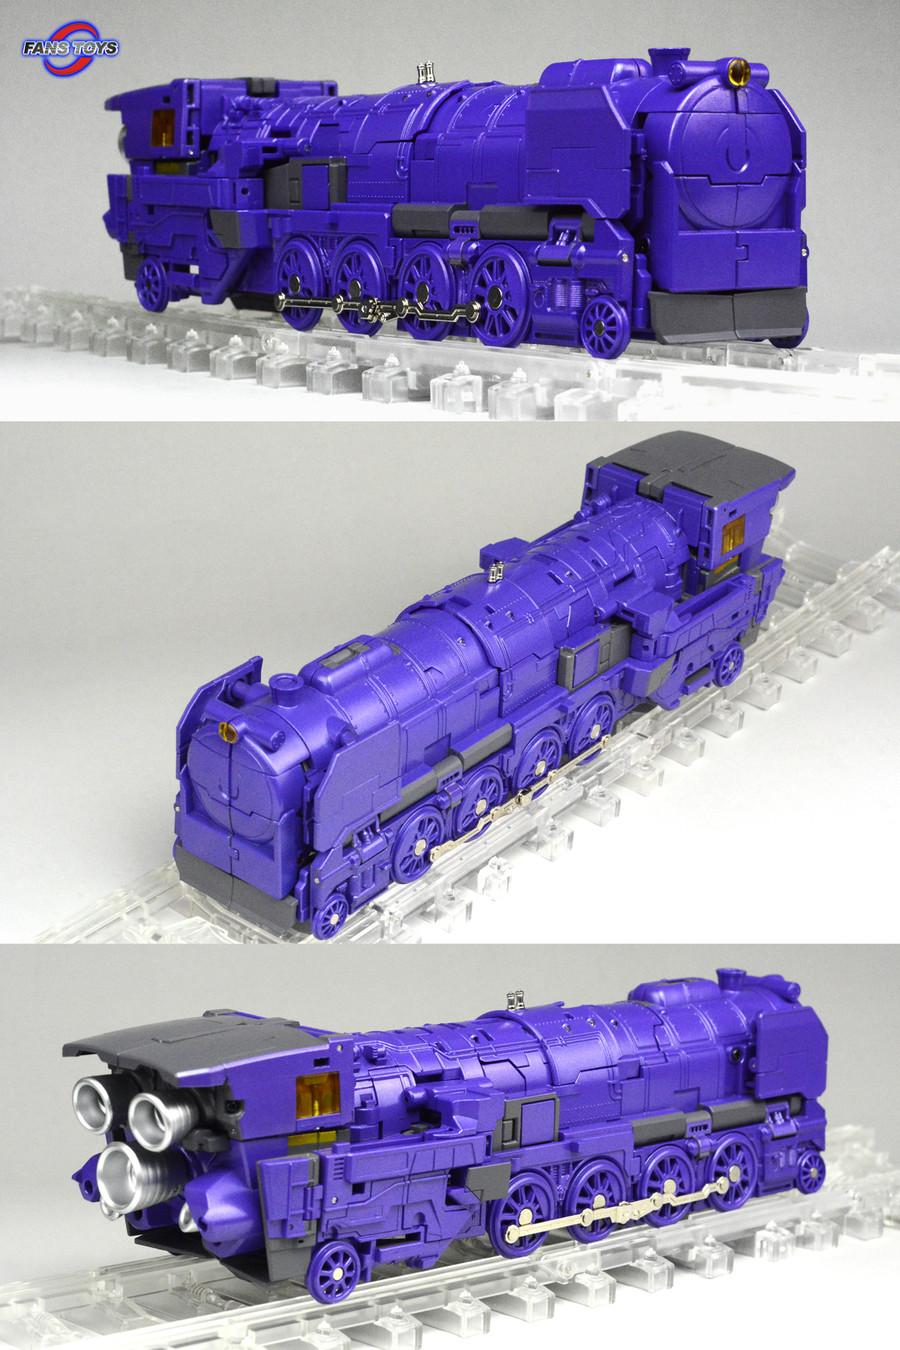 Fans Toys - FT-44 Thomas